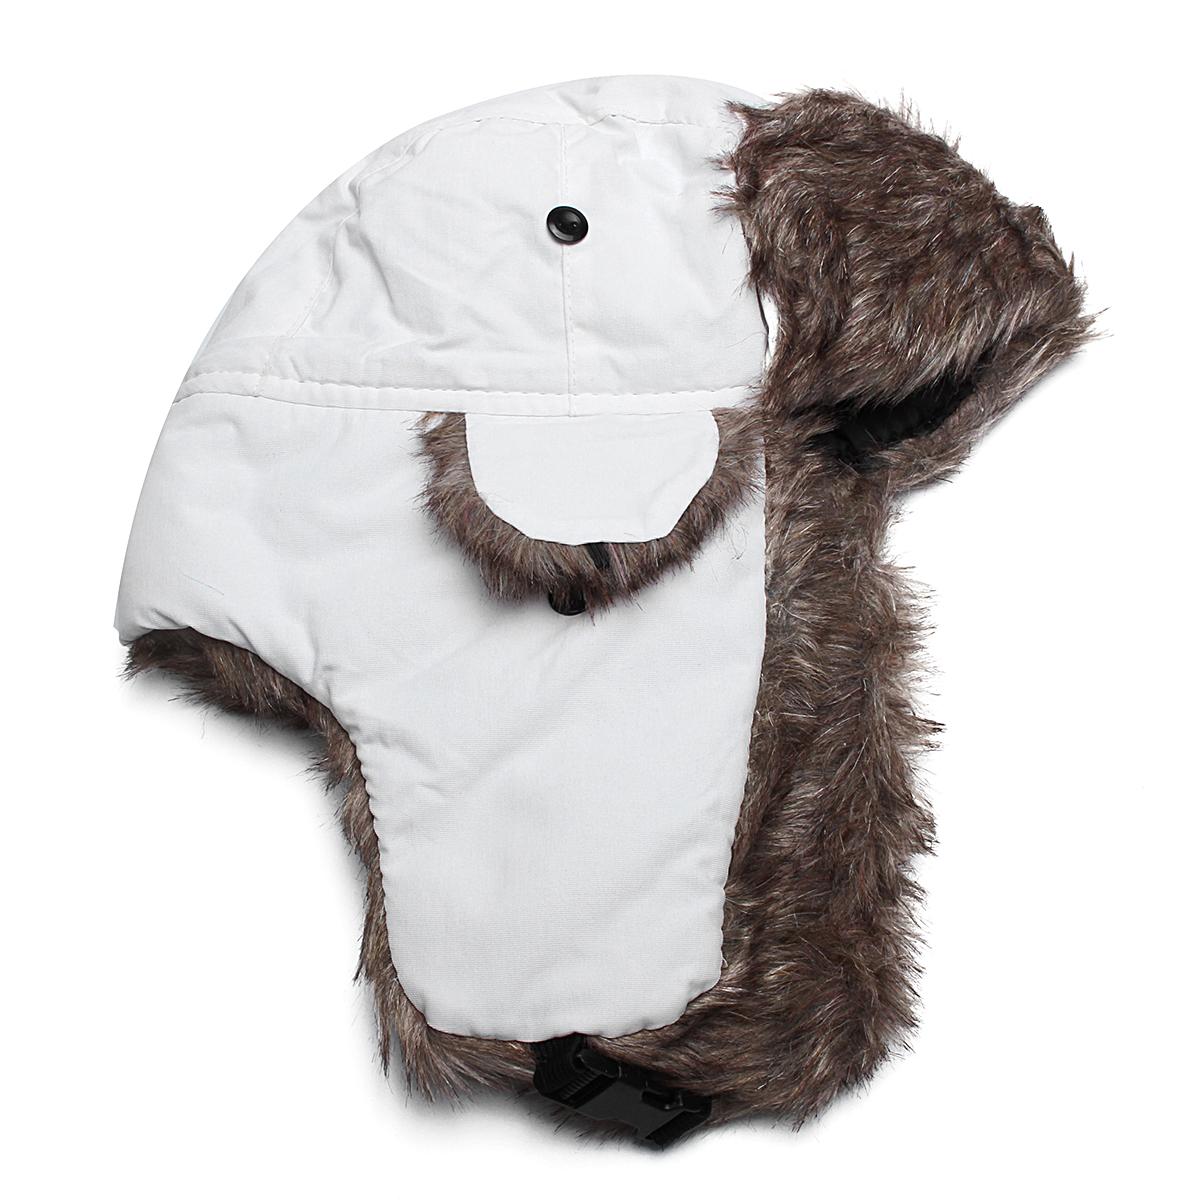 Unisexe-Chapeau-Bonnet-Russe-Chapka-Fourrure-Cache-Oreille-Masque-Hiver-Chaud miniature 13